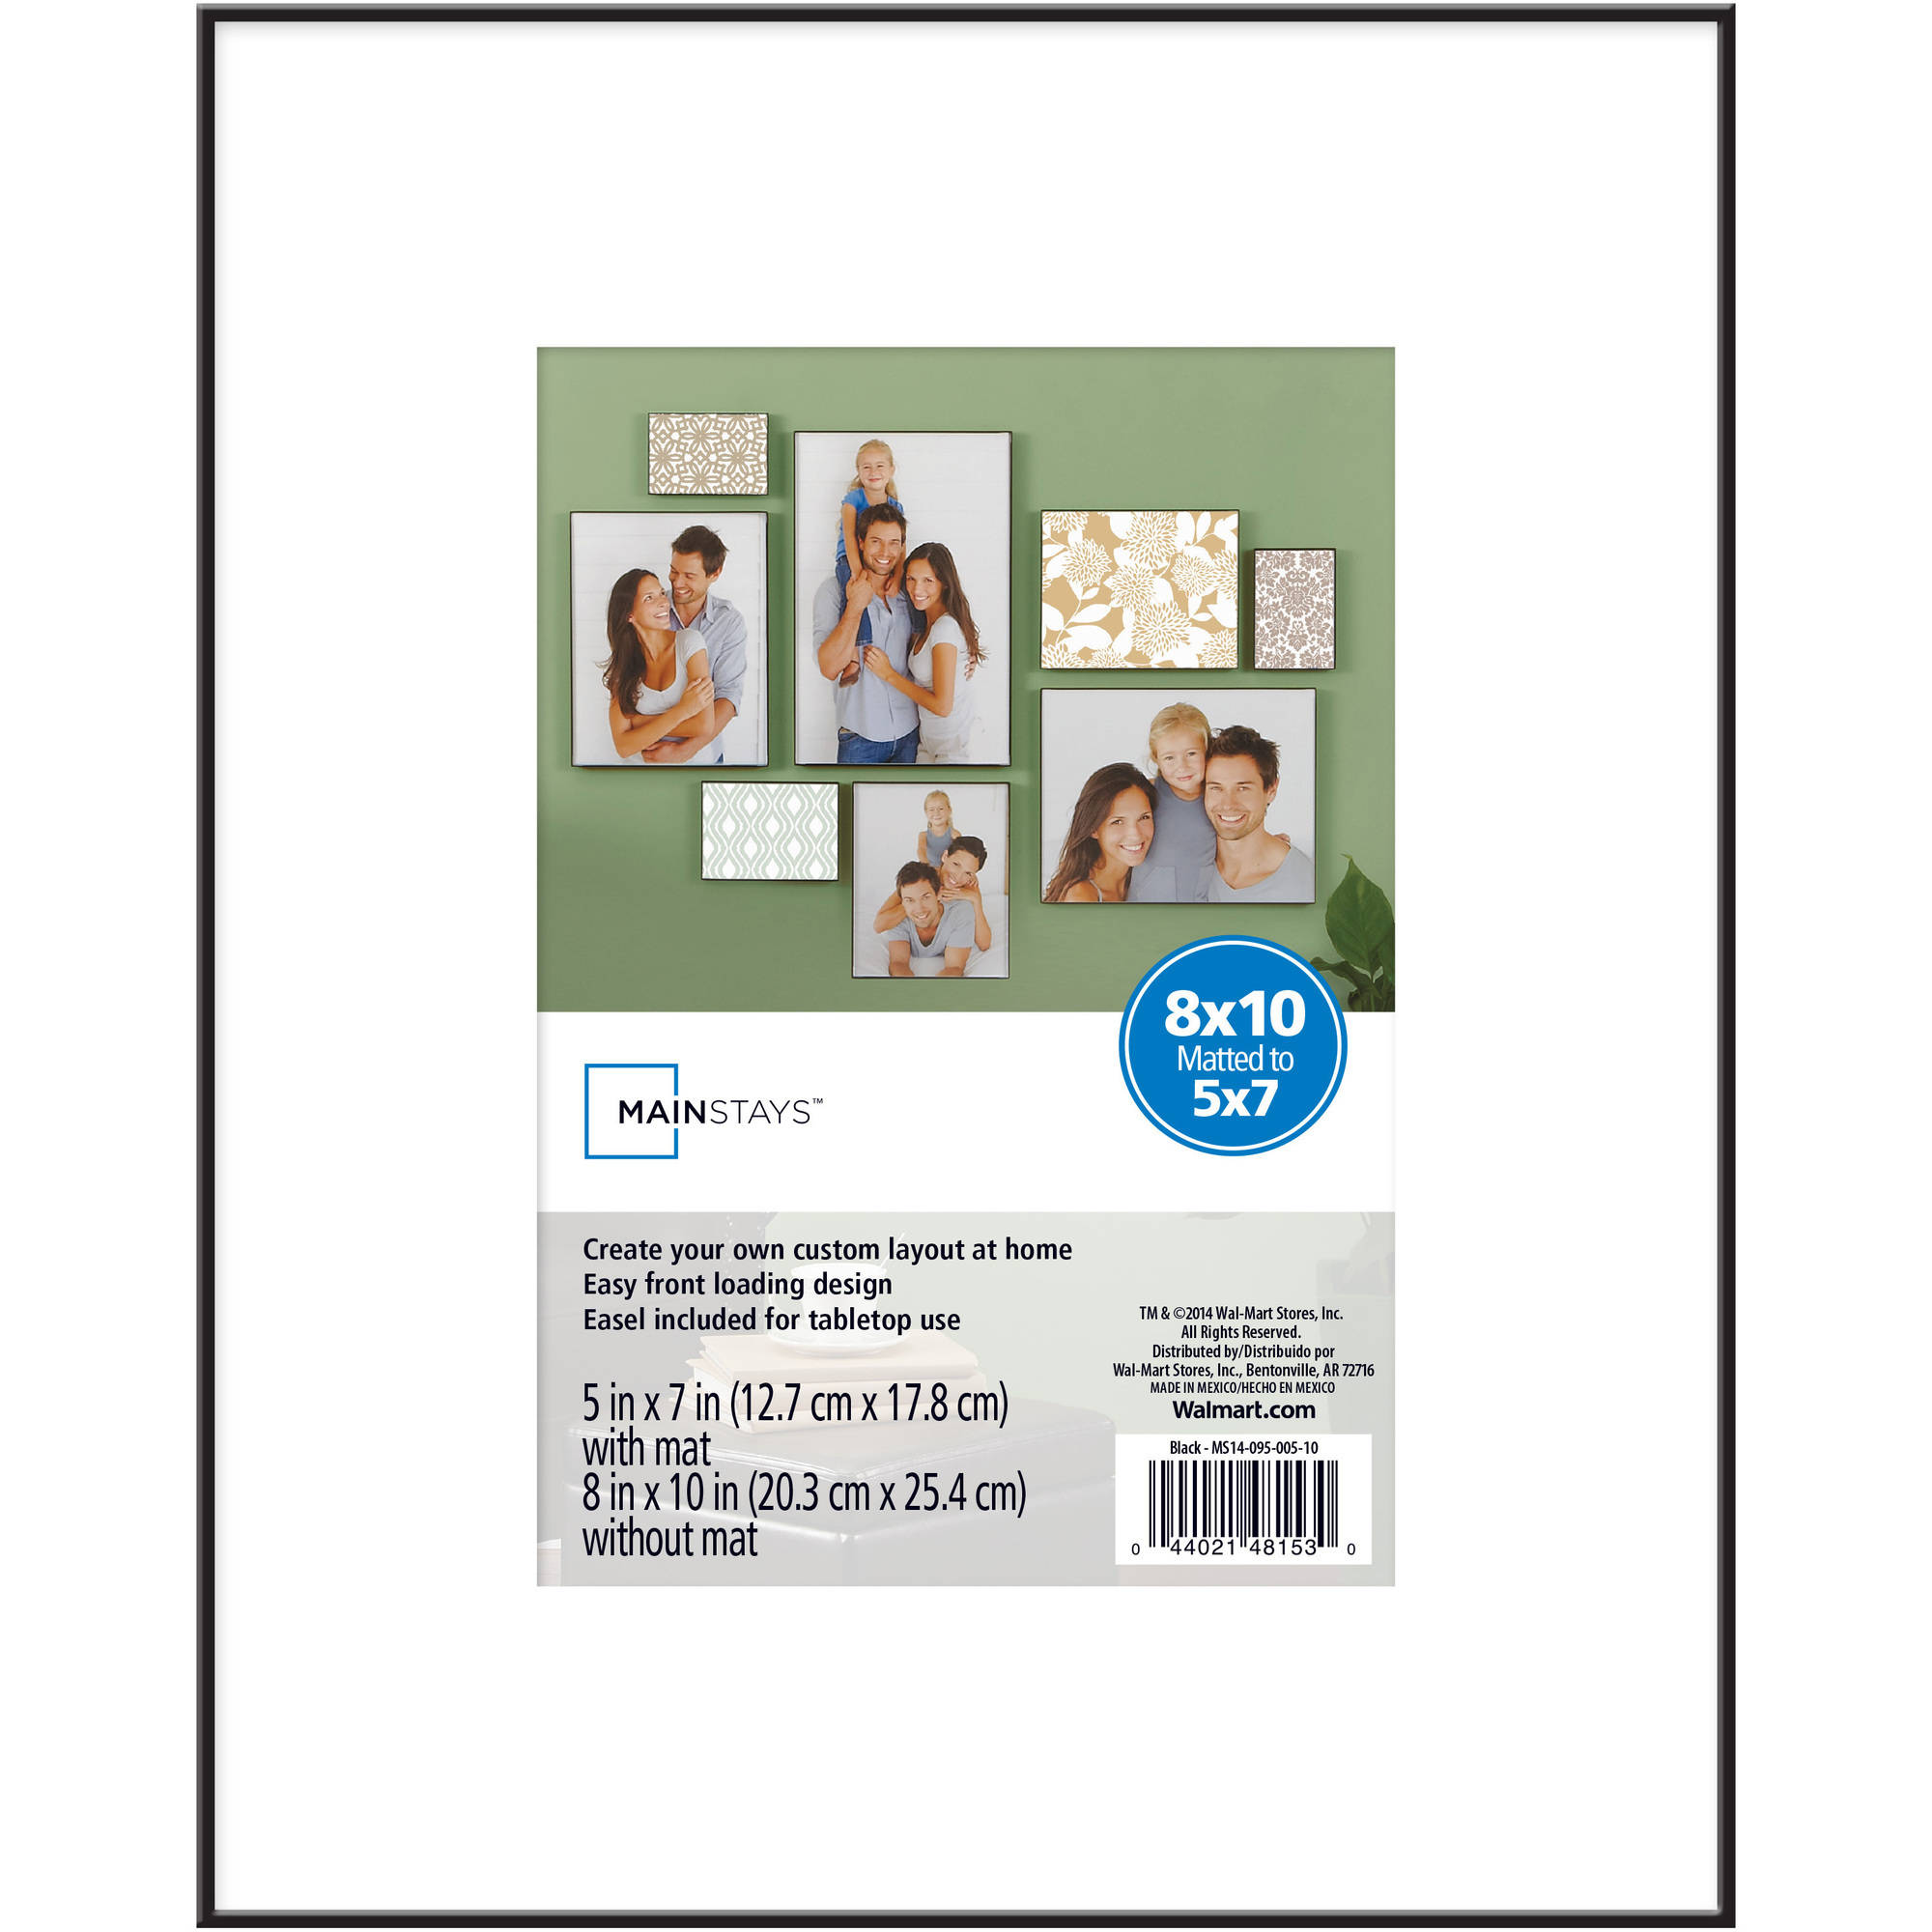 Mainstays Format 8x105x7 Frame Black Walmartcom